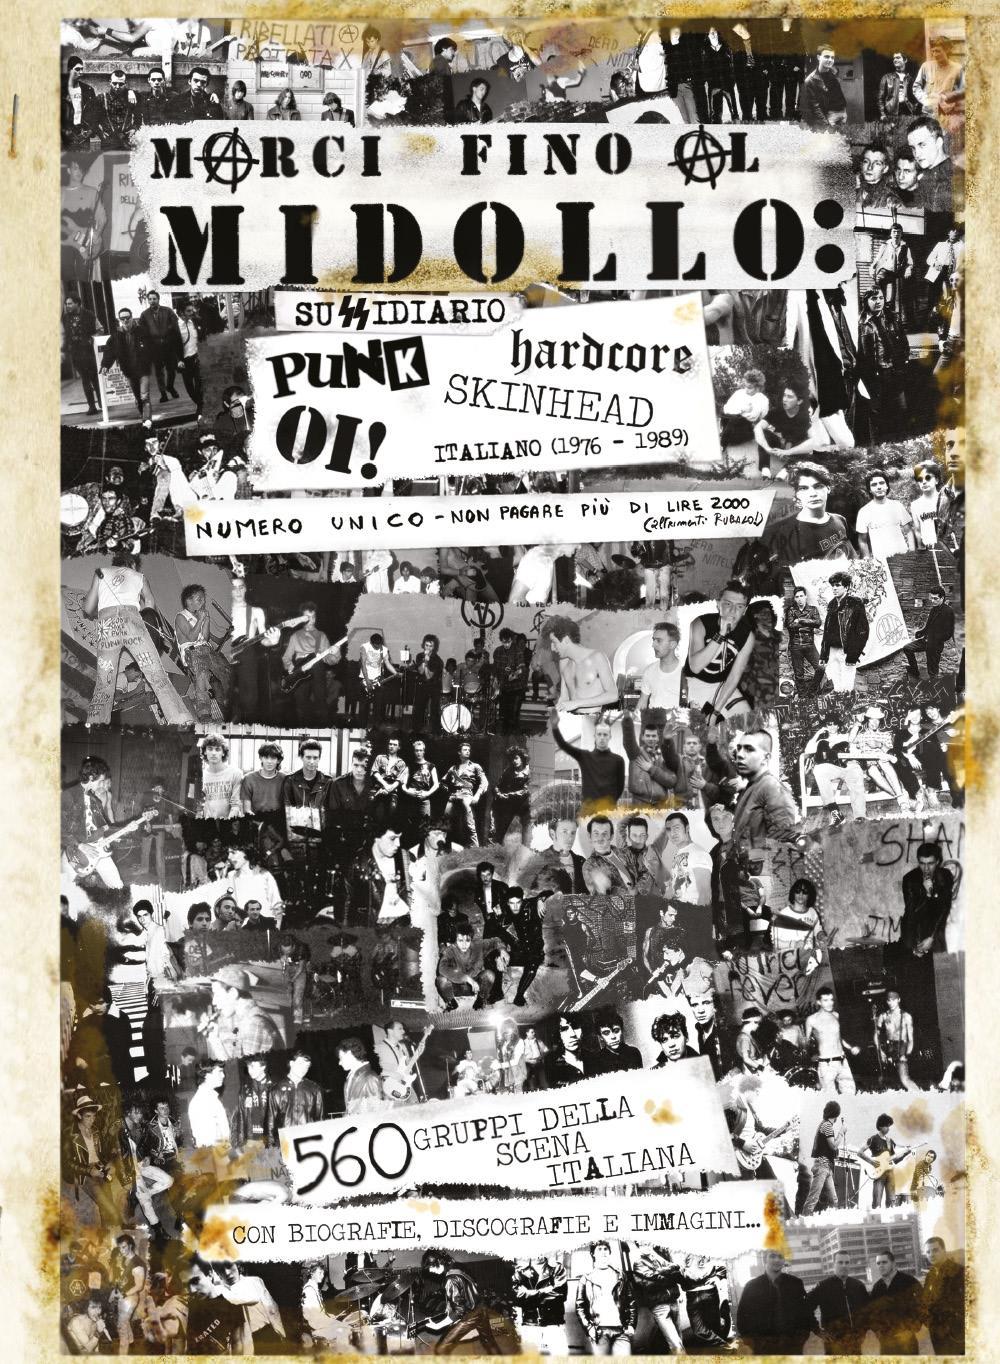 MARCI FINO AL MIDOLLO: sussidiario Punk, Hardcore, Oi!, Skinhead italiano (1976 - 1989). 560 gruppi della scena italiana.